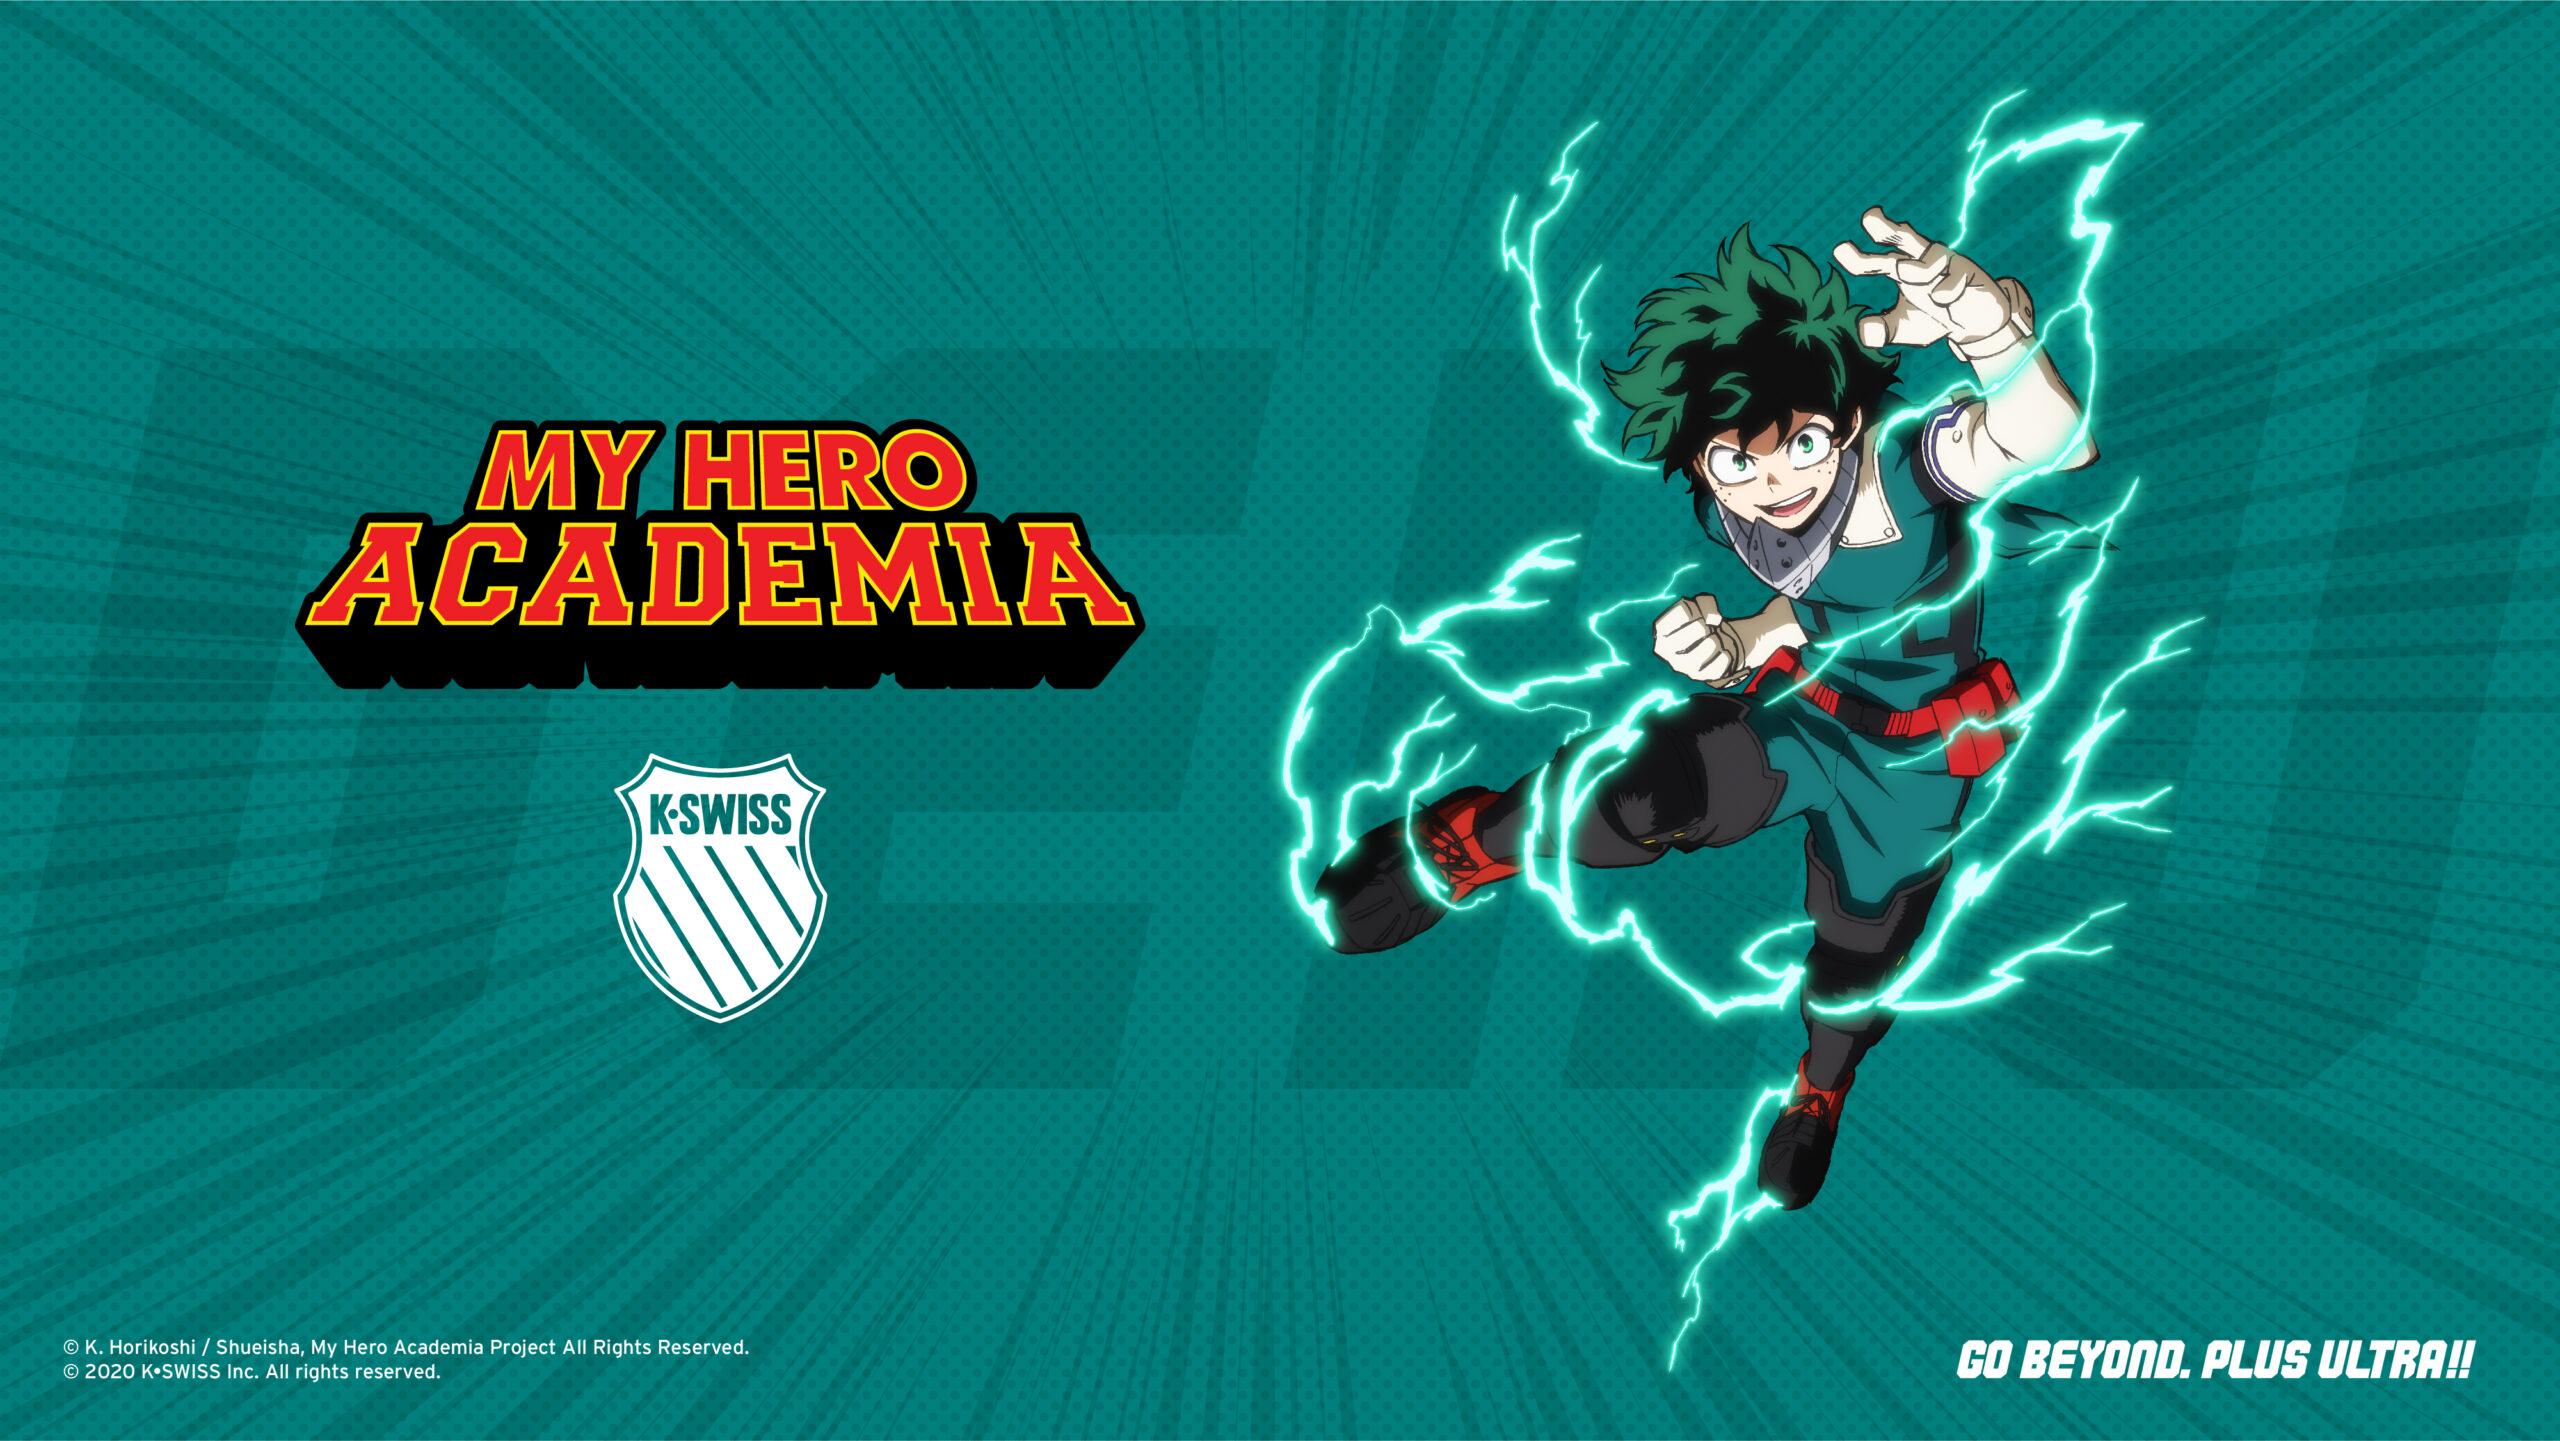 My Hero Academia x K-Swiss